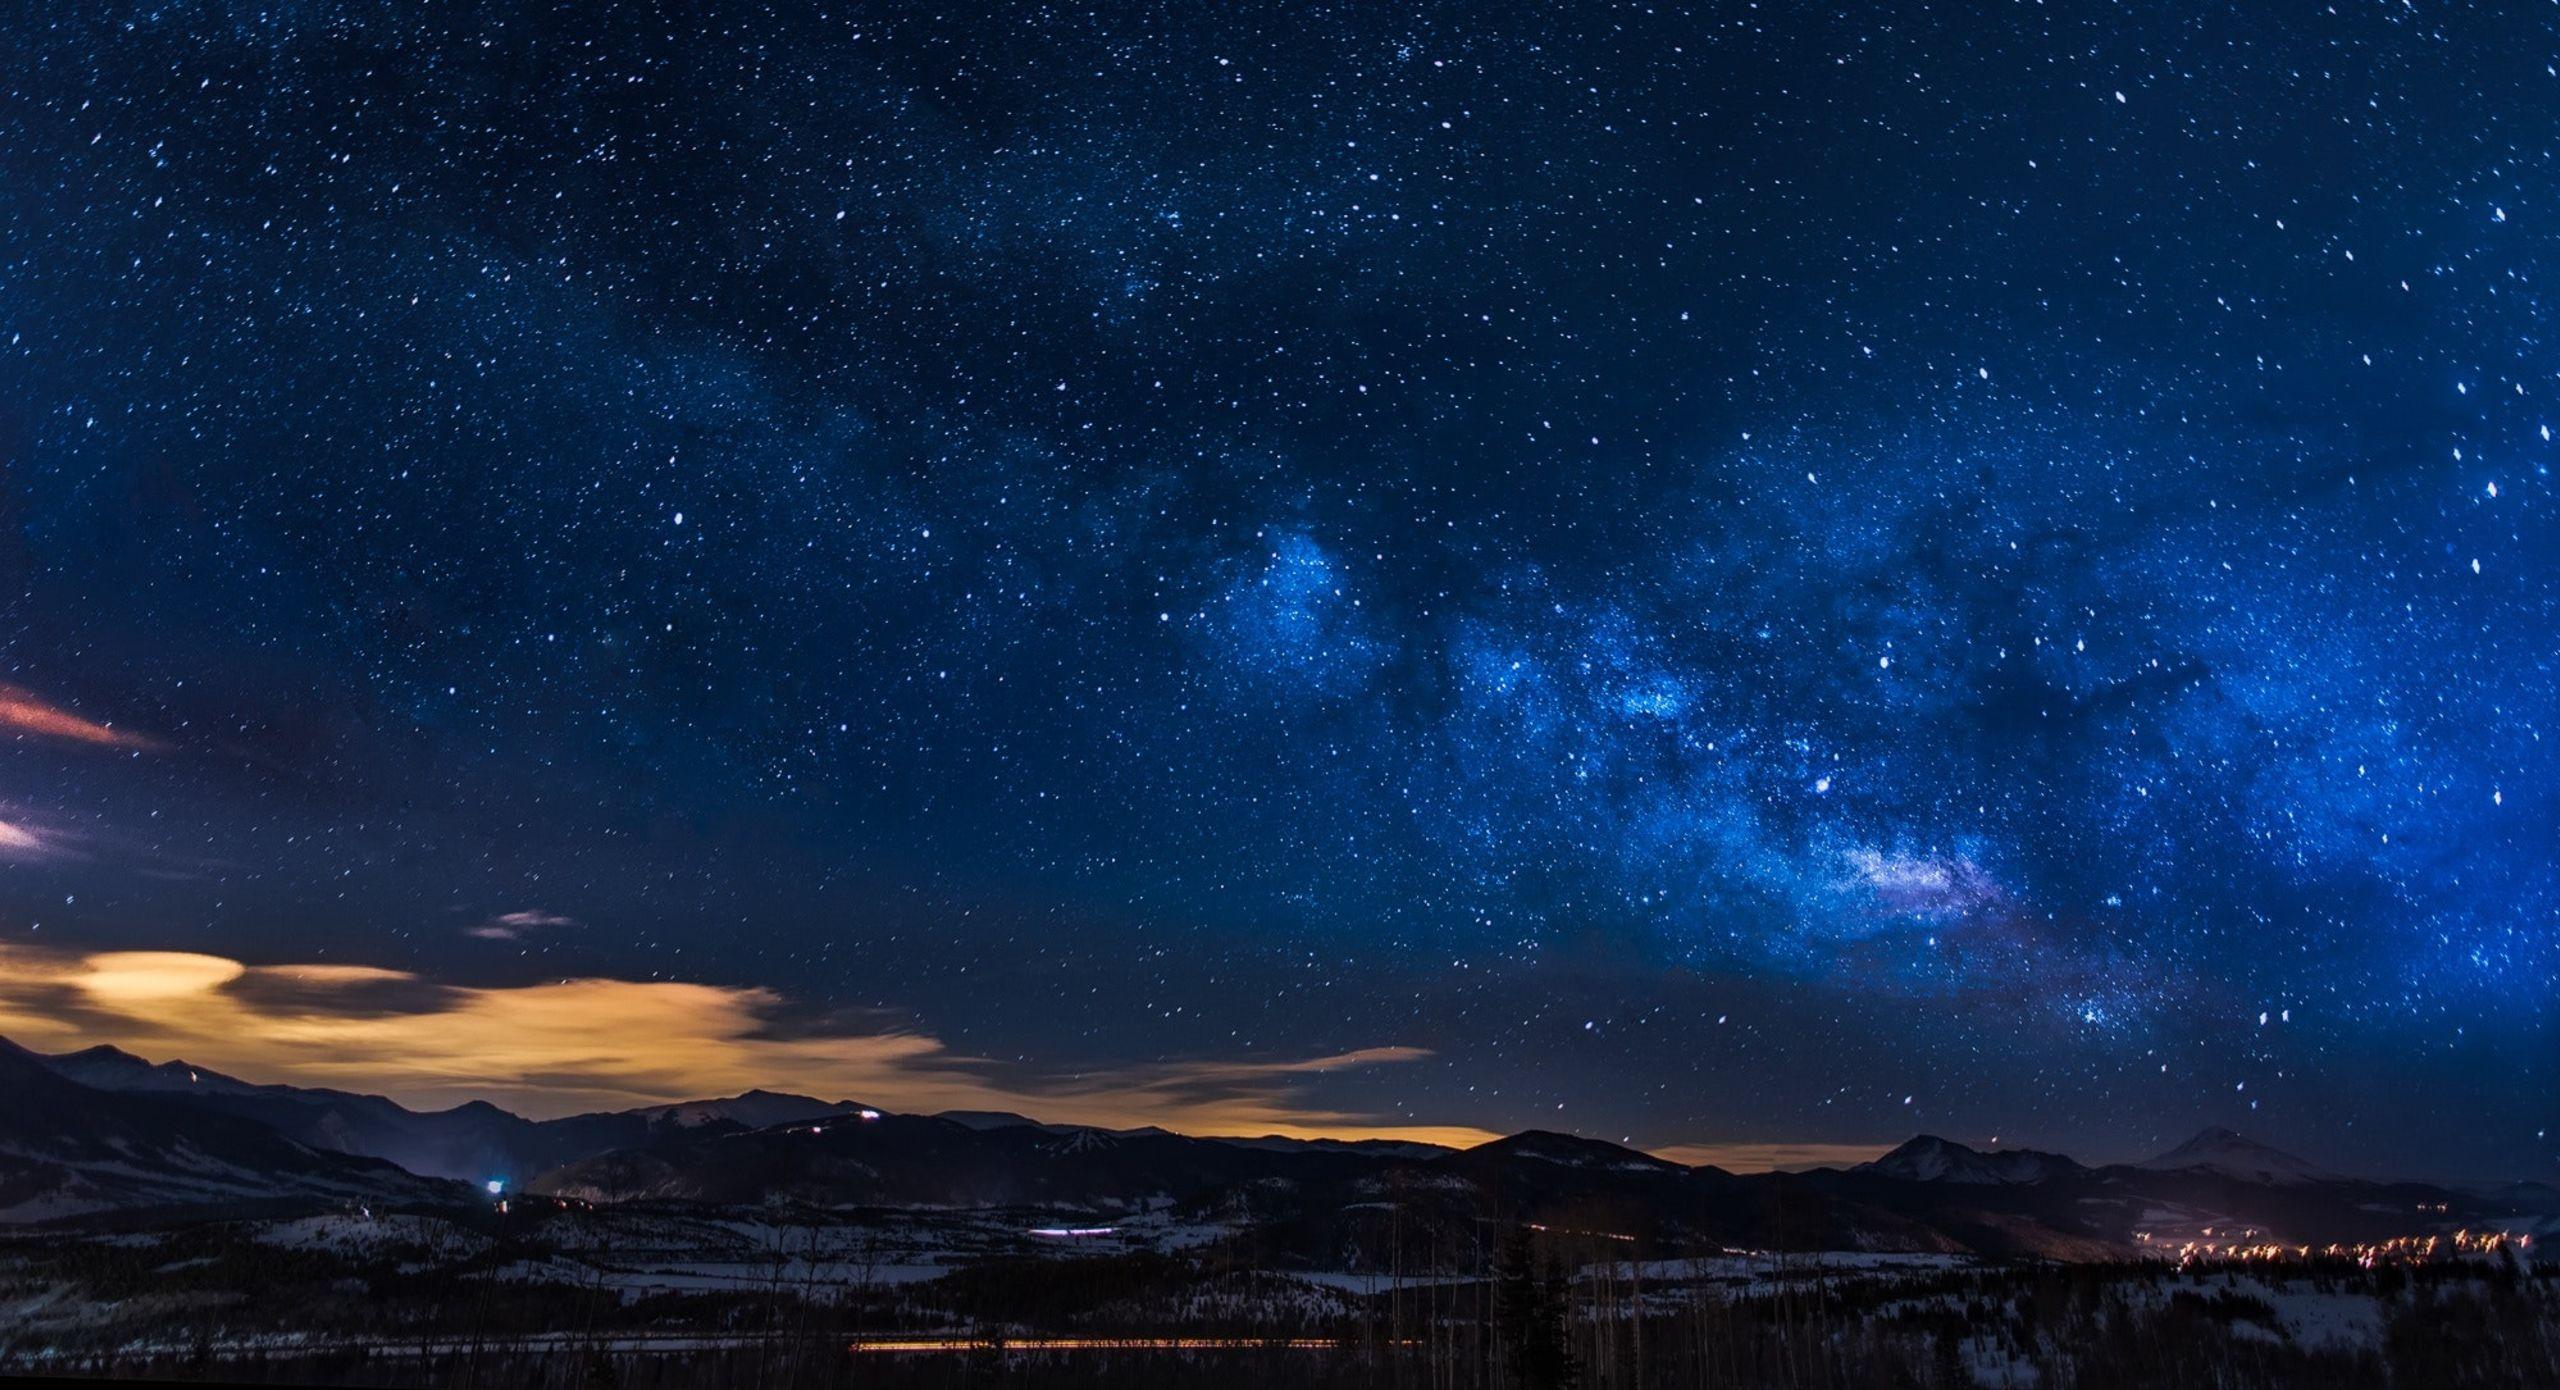 Nighttime over the high desert